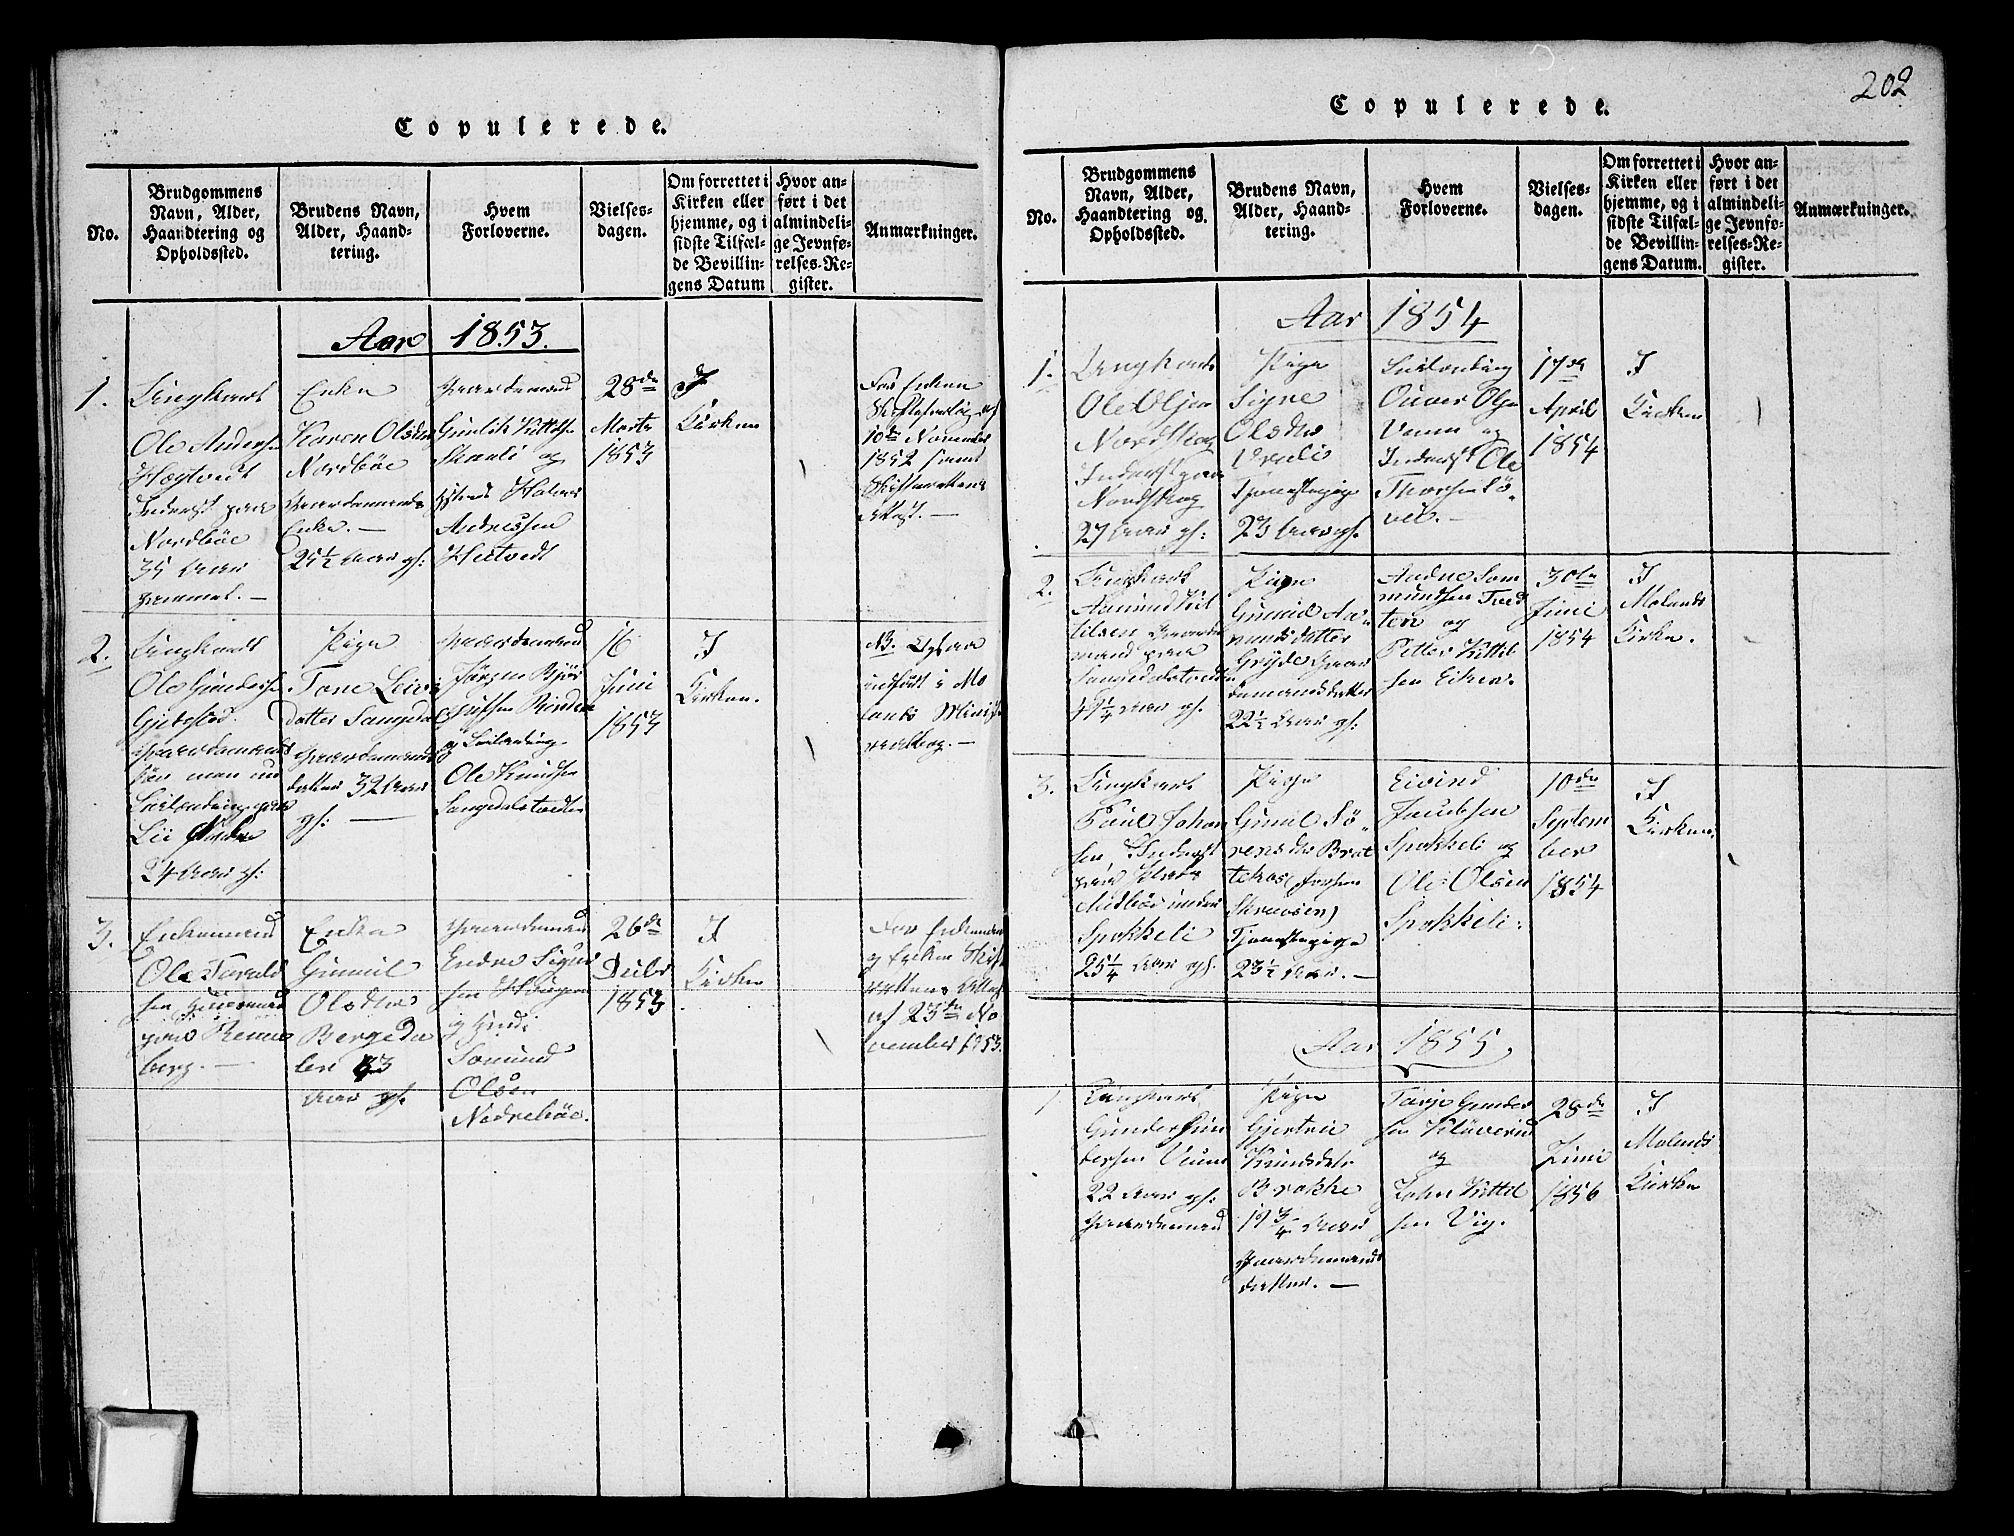 SAKO, Fyresdal kirkebøker, G/Ga/L0003: Klokkerbok nr. I 3, 1815-1863, s. 202